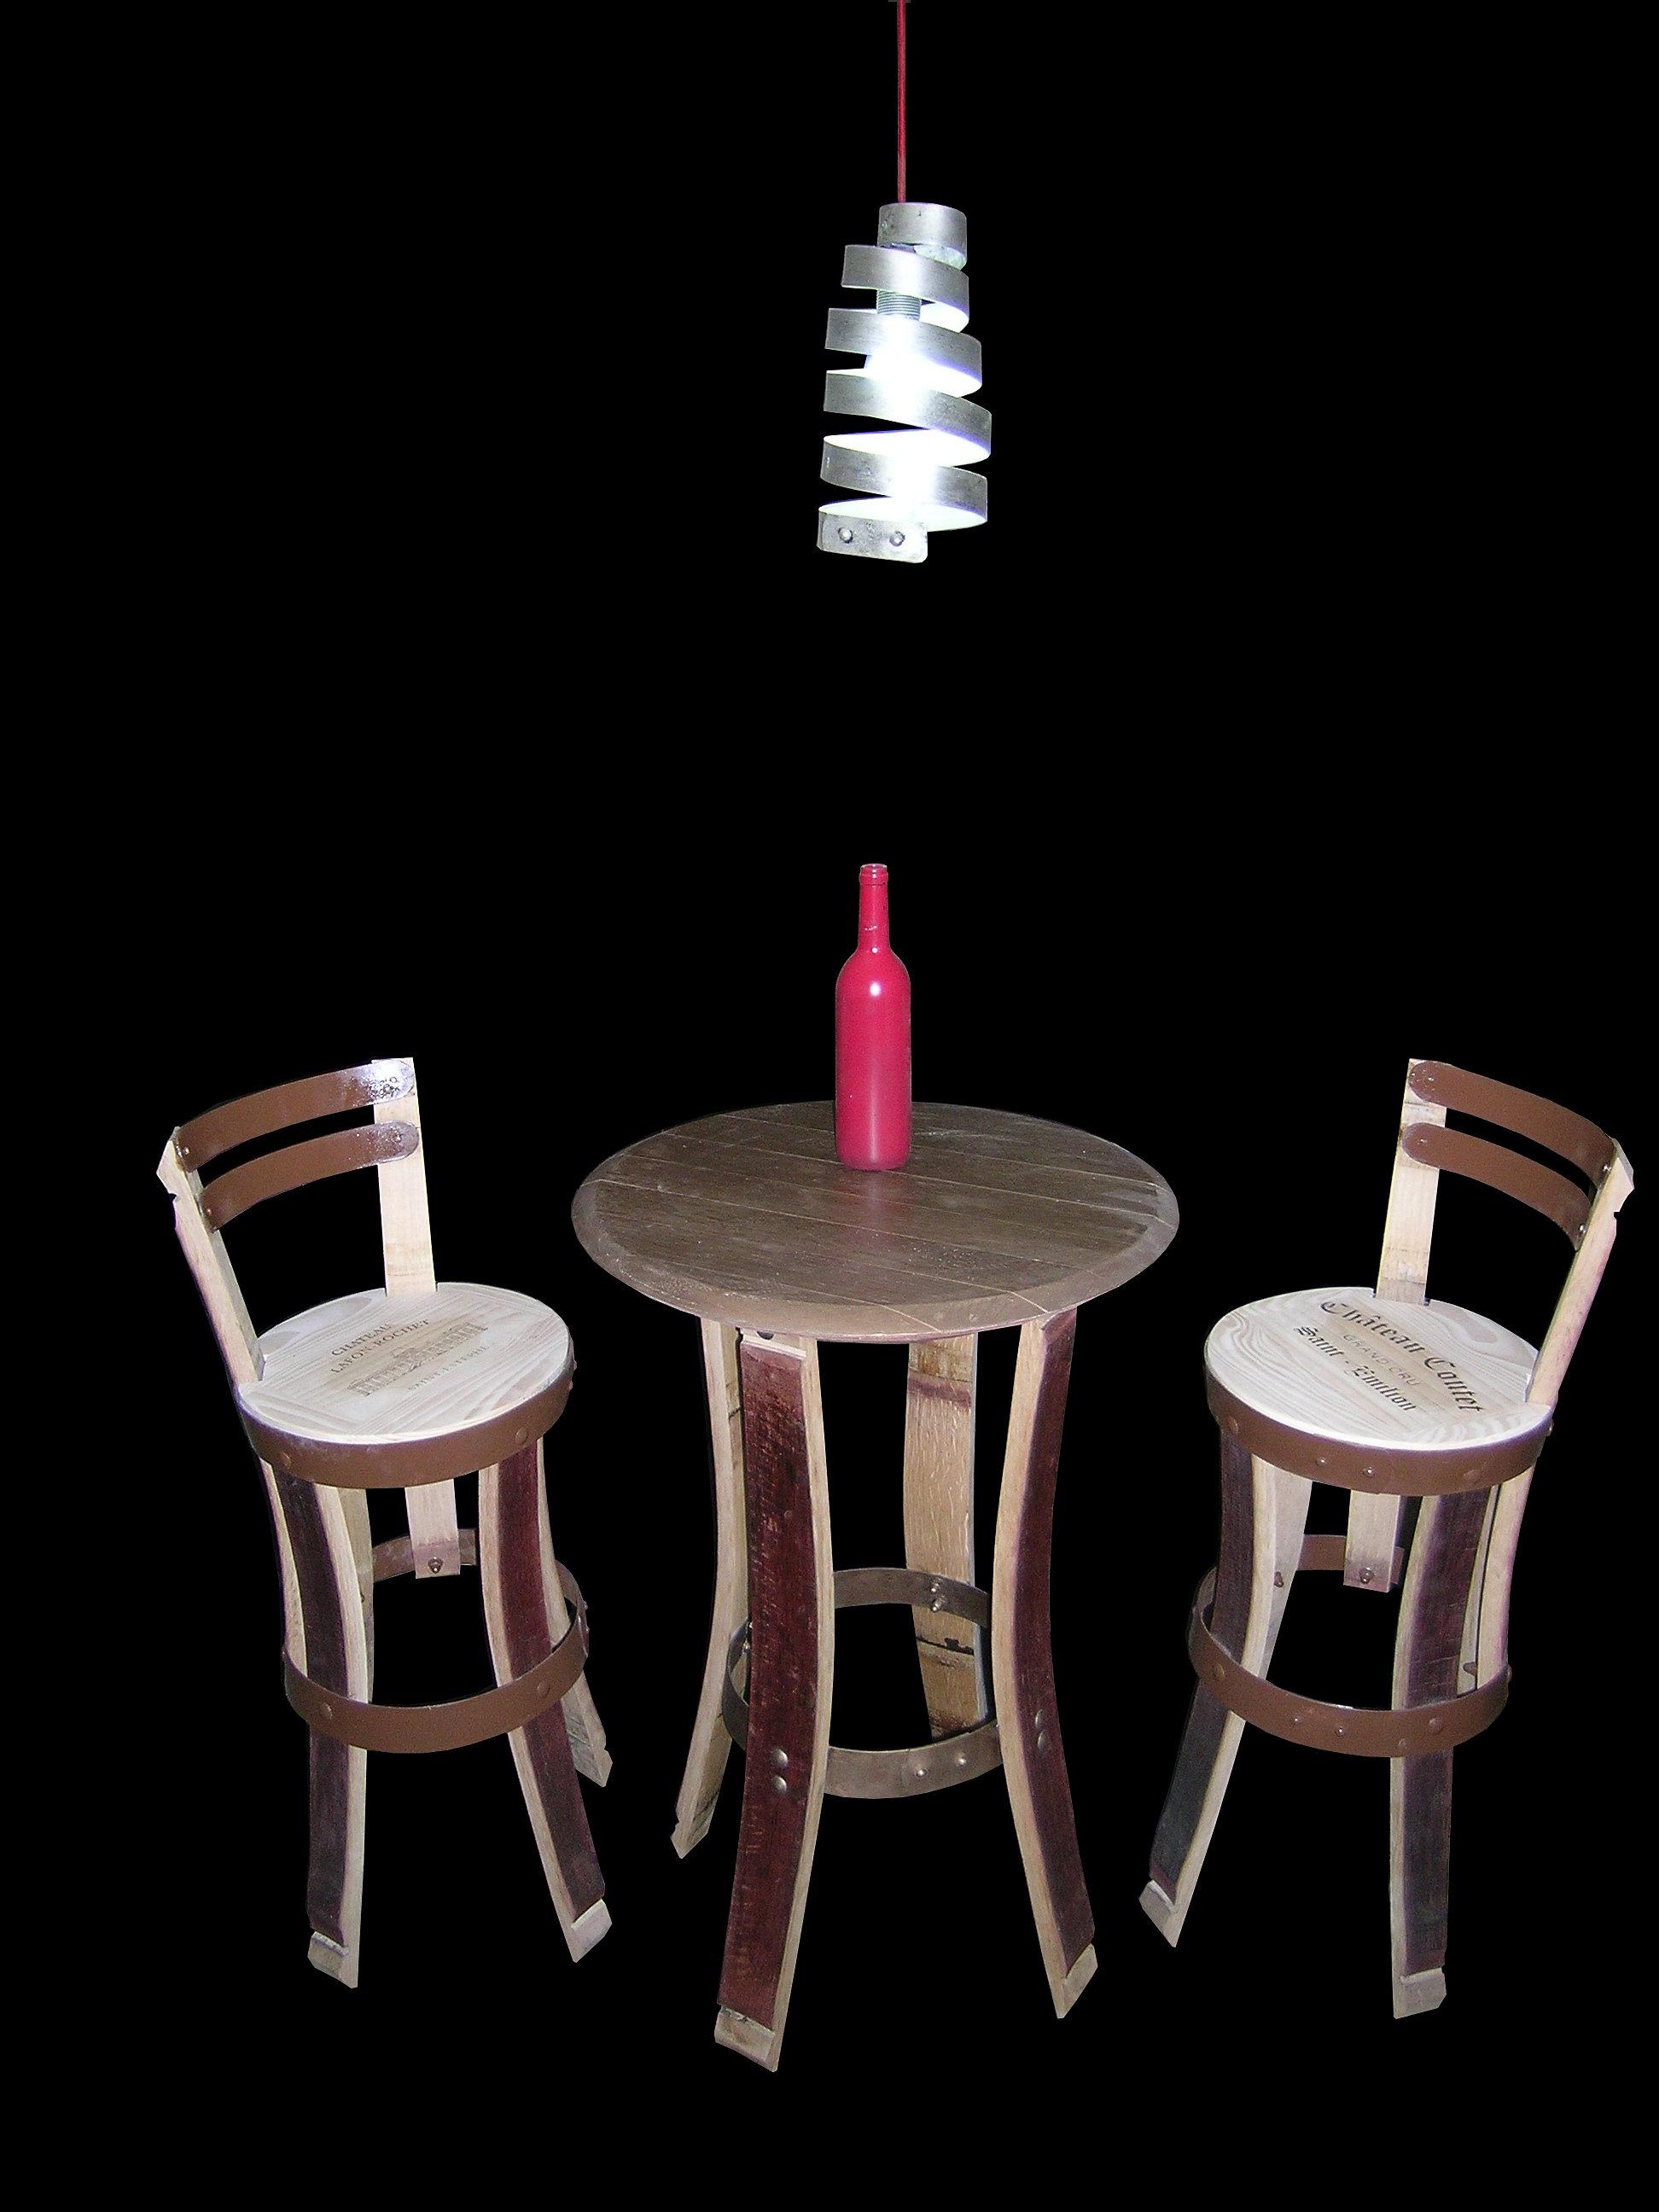 chaise haute,chaise de bar,tabouret de bar,tabouret haut,tabouret - Chaise Haute Pour Mange Debout